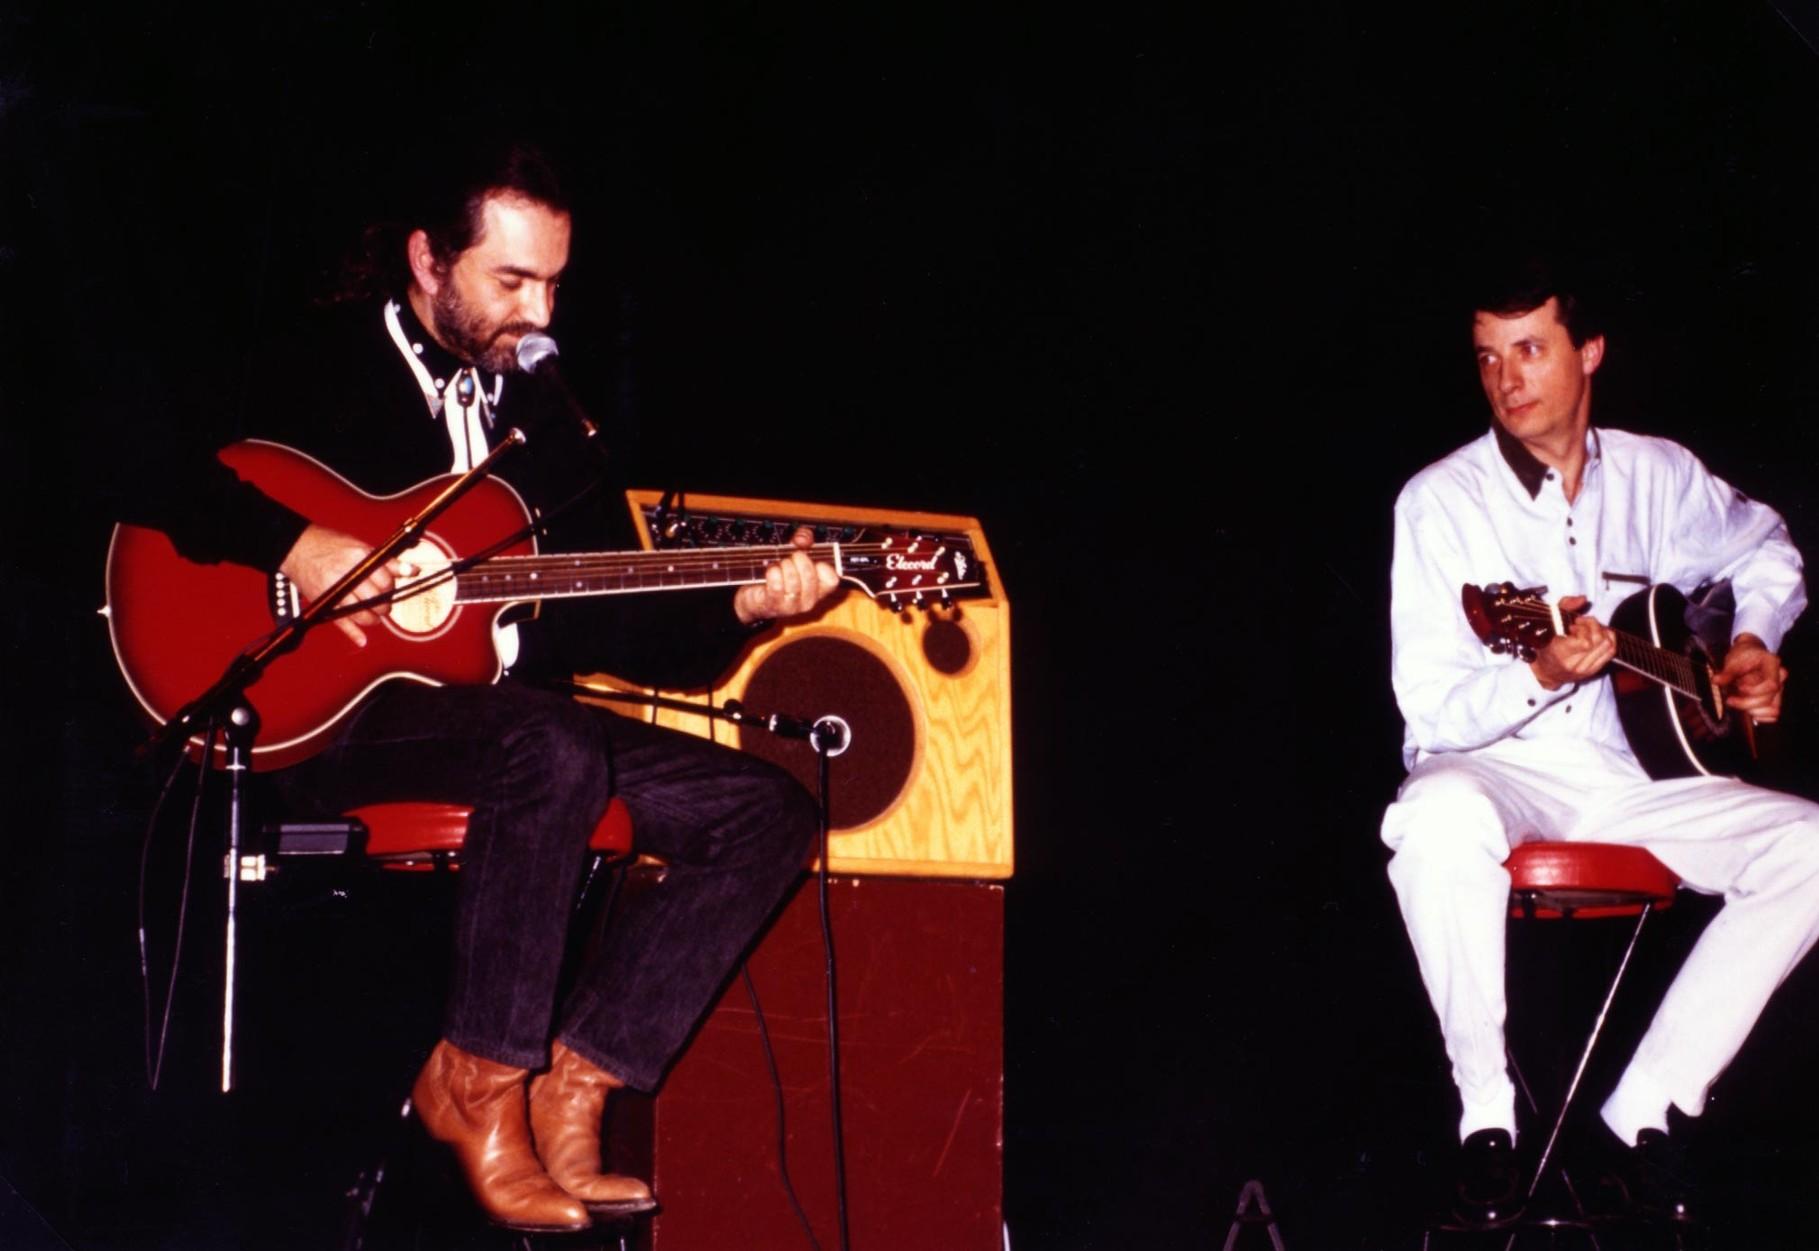 Marcel Dadi en Concert à Blois avec un professeur de musique - 25 février 1992